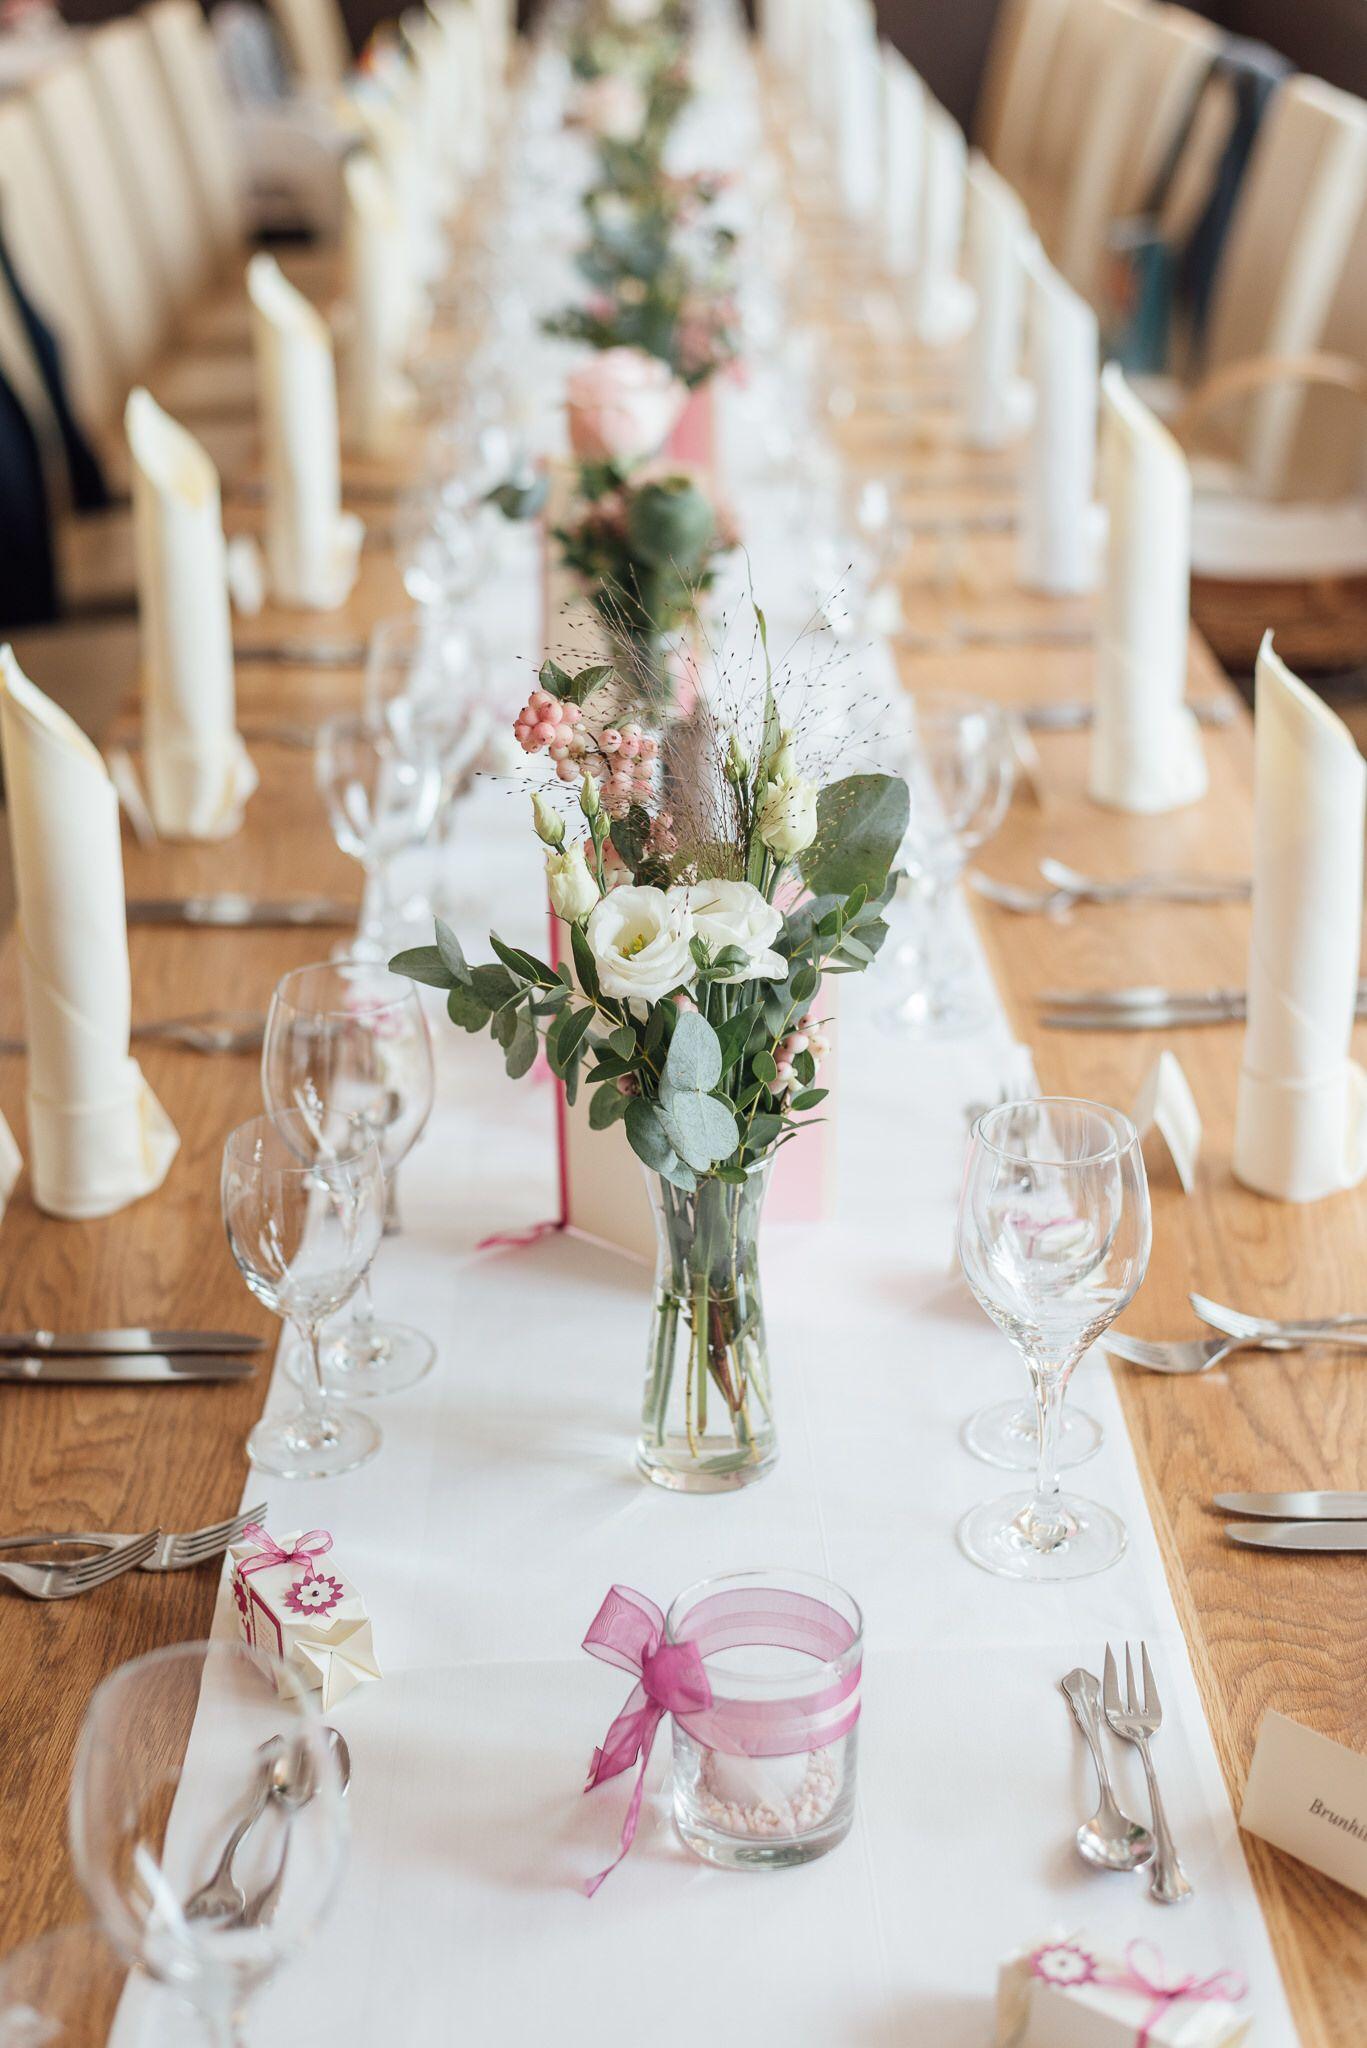 Schlichte Tischdeko Hochzeit Deko Tisch Tischdekoration Hochzeit Sitzordnung Hochzeit